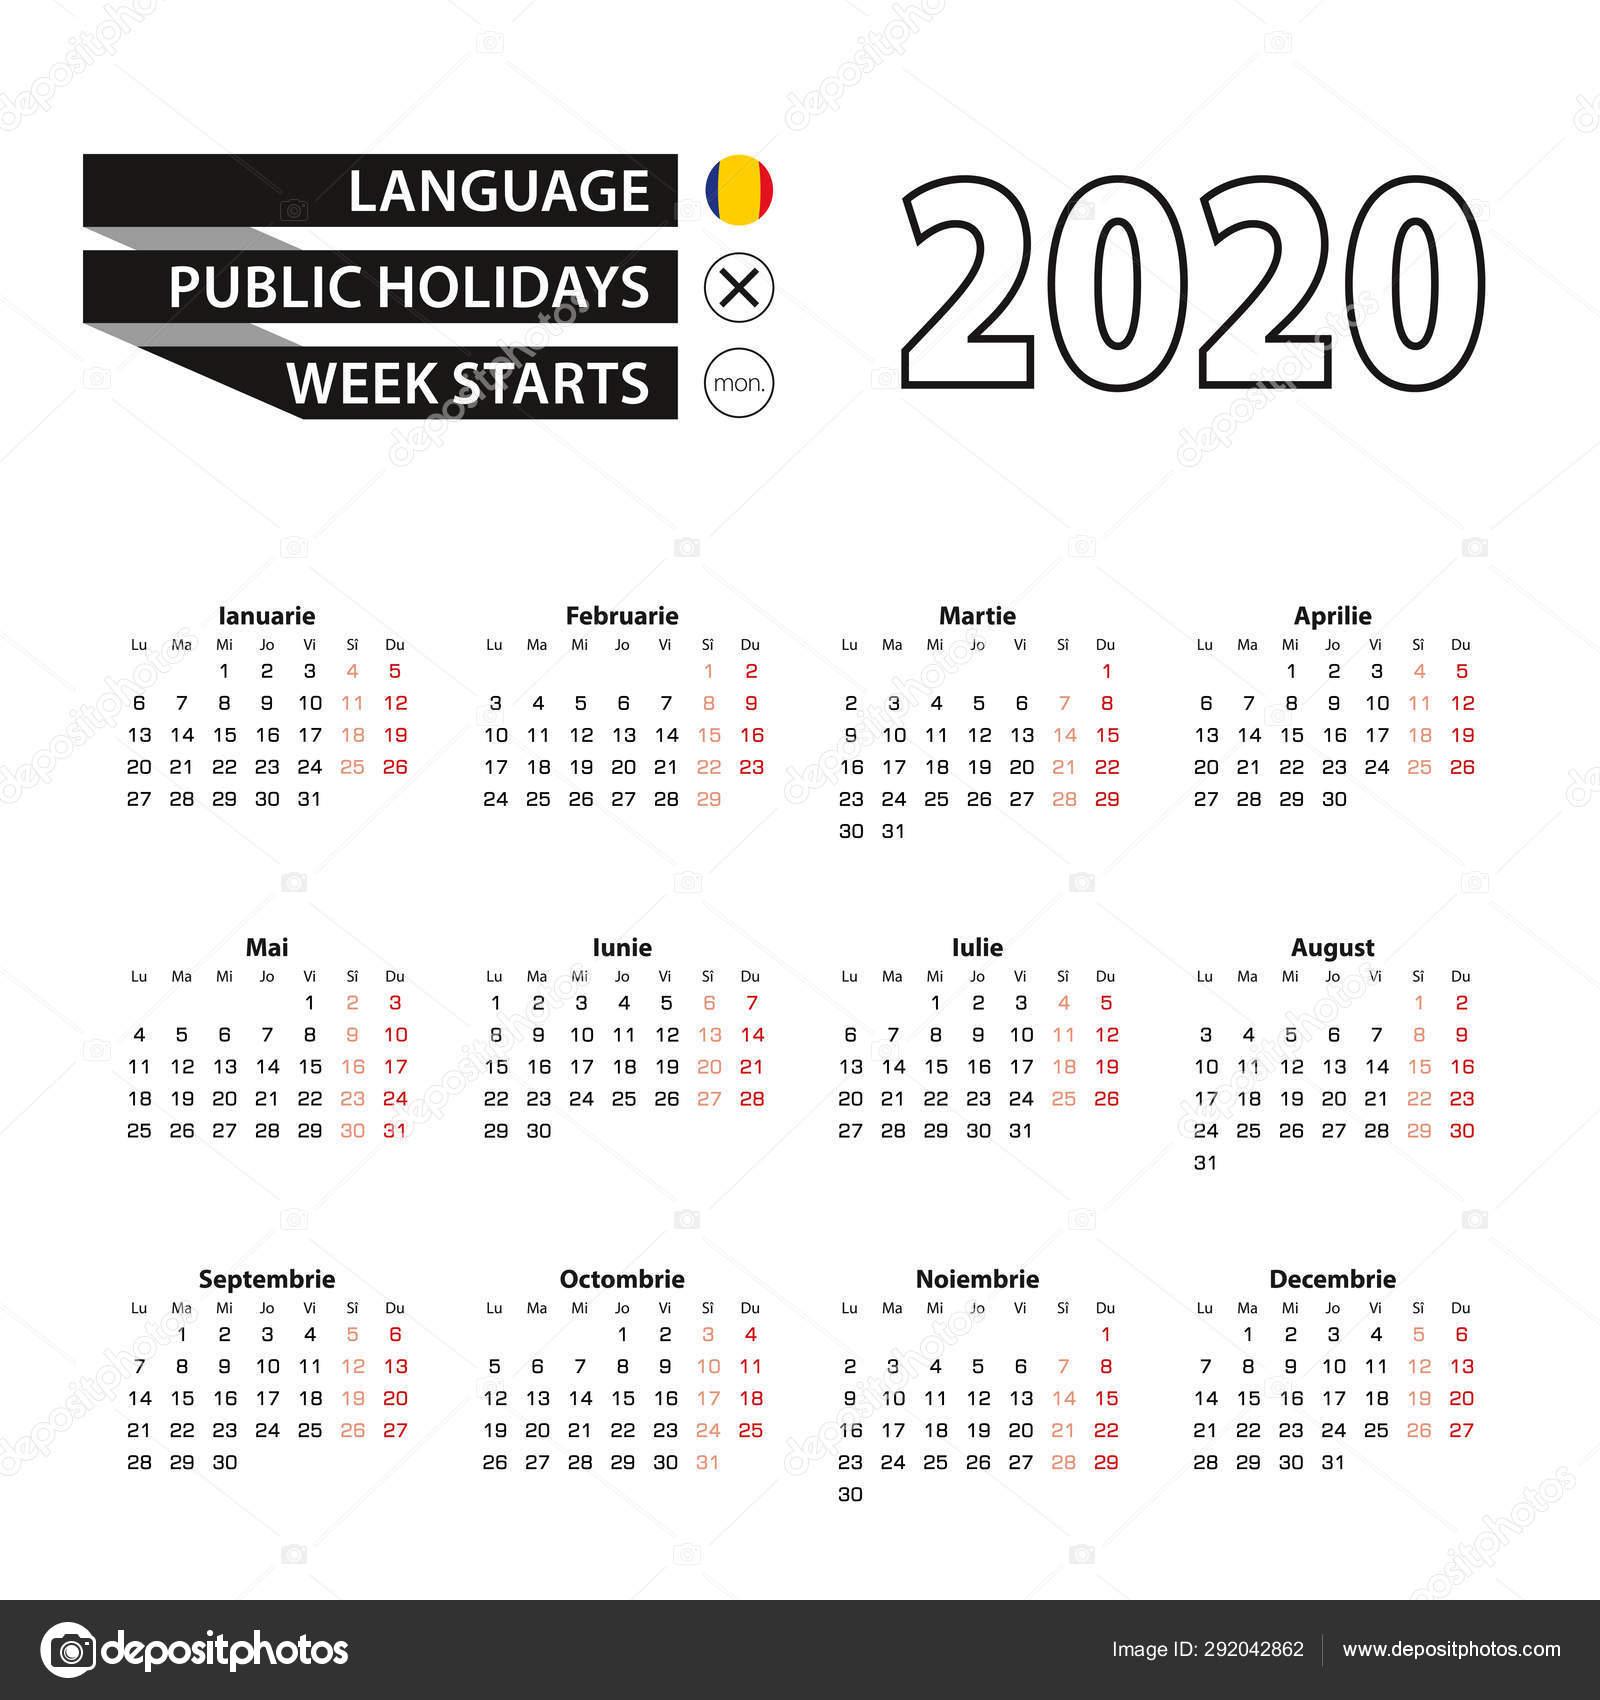 Календарь 2020 На Румынском Языке, Неделя Начинается В